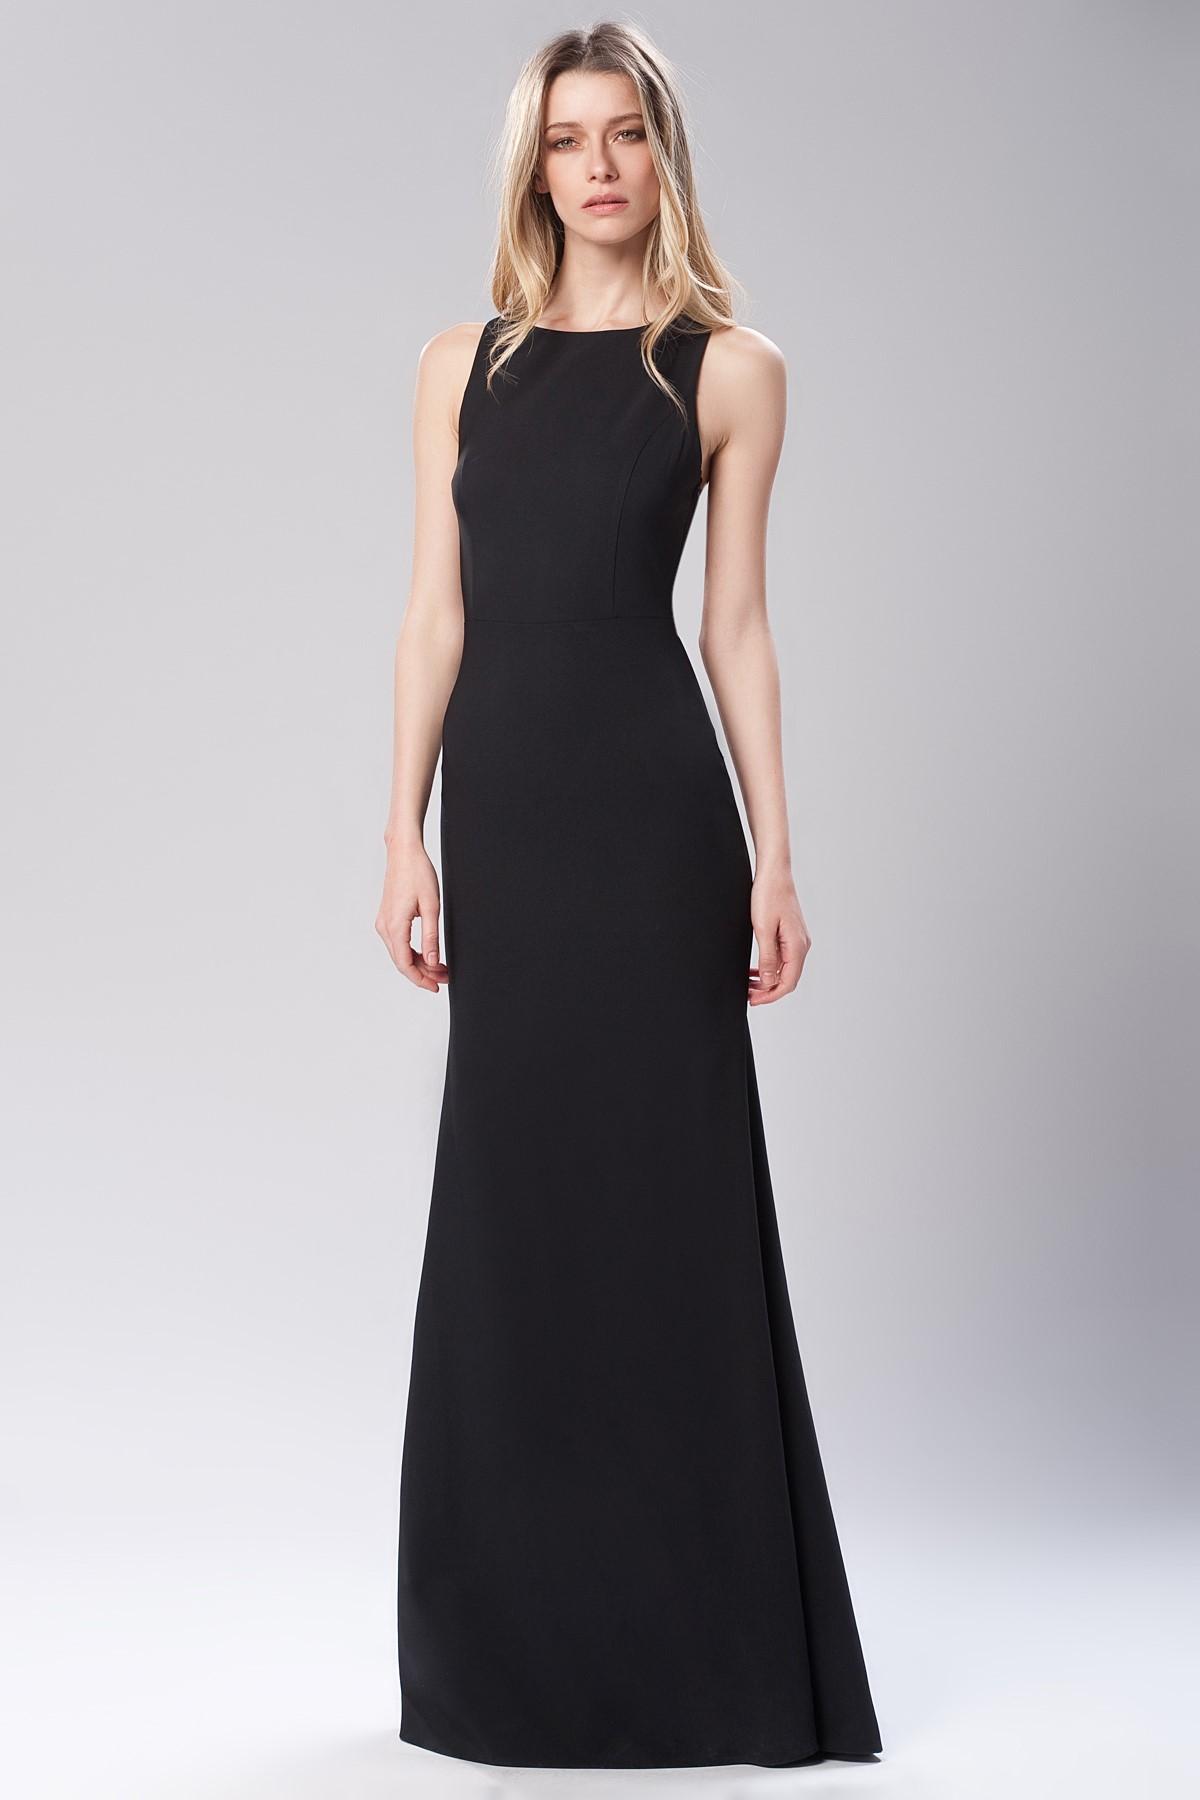 c8c6b64b7891f Sıfır Kol Siyah 2015 Mezuniyet Elbisesi Modelleri